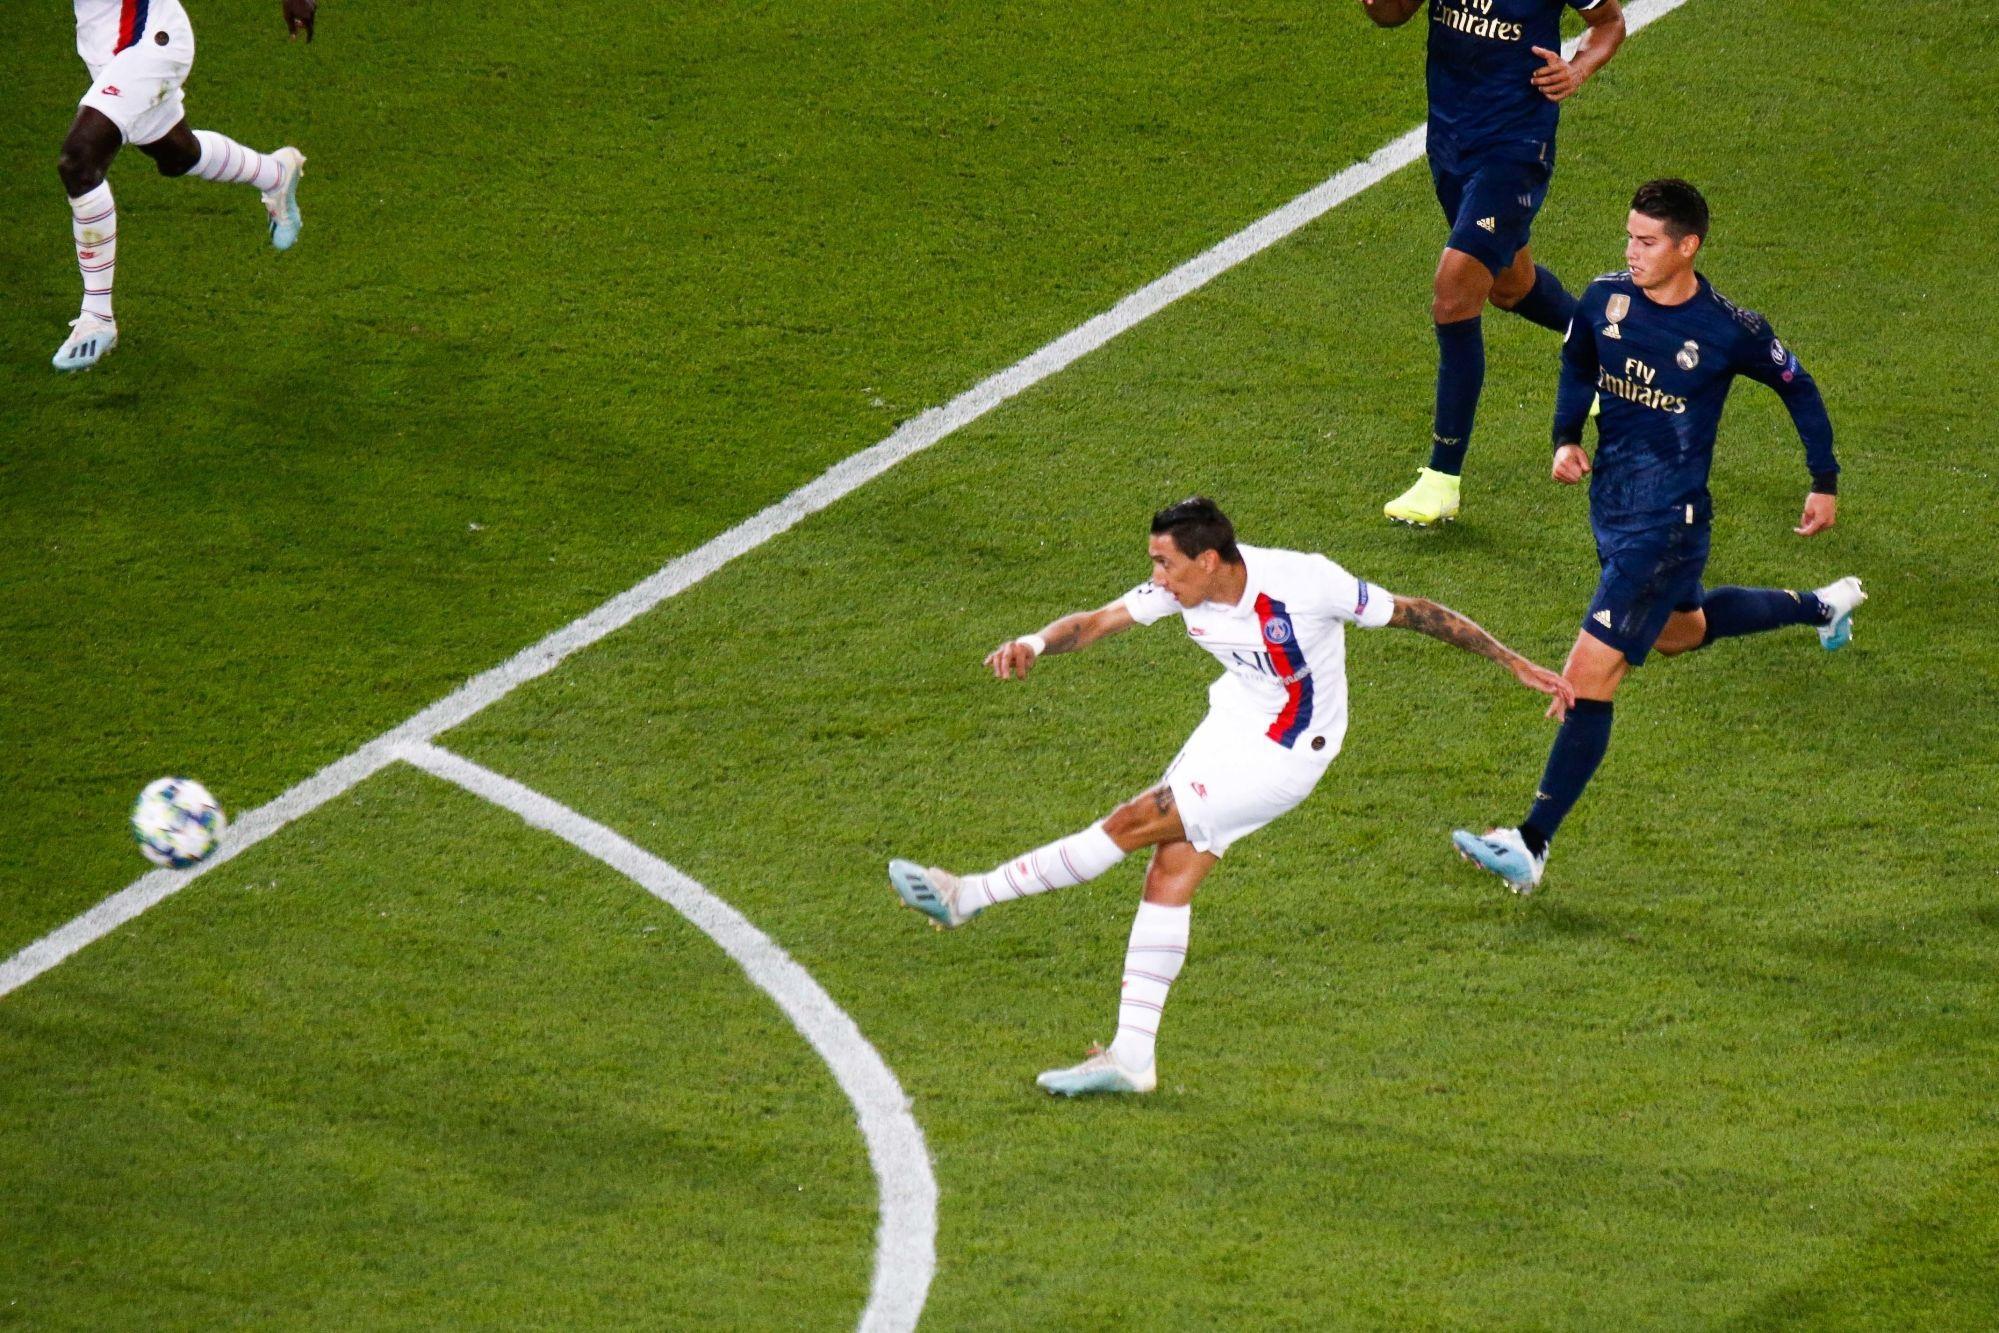 La plus belle réalisation du PSG cette saison, 2e manche : Di Maria s'impose contre Neymar